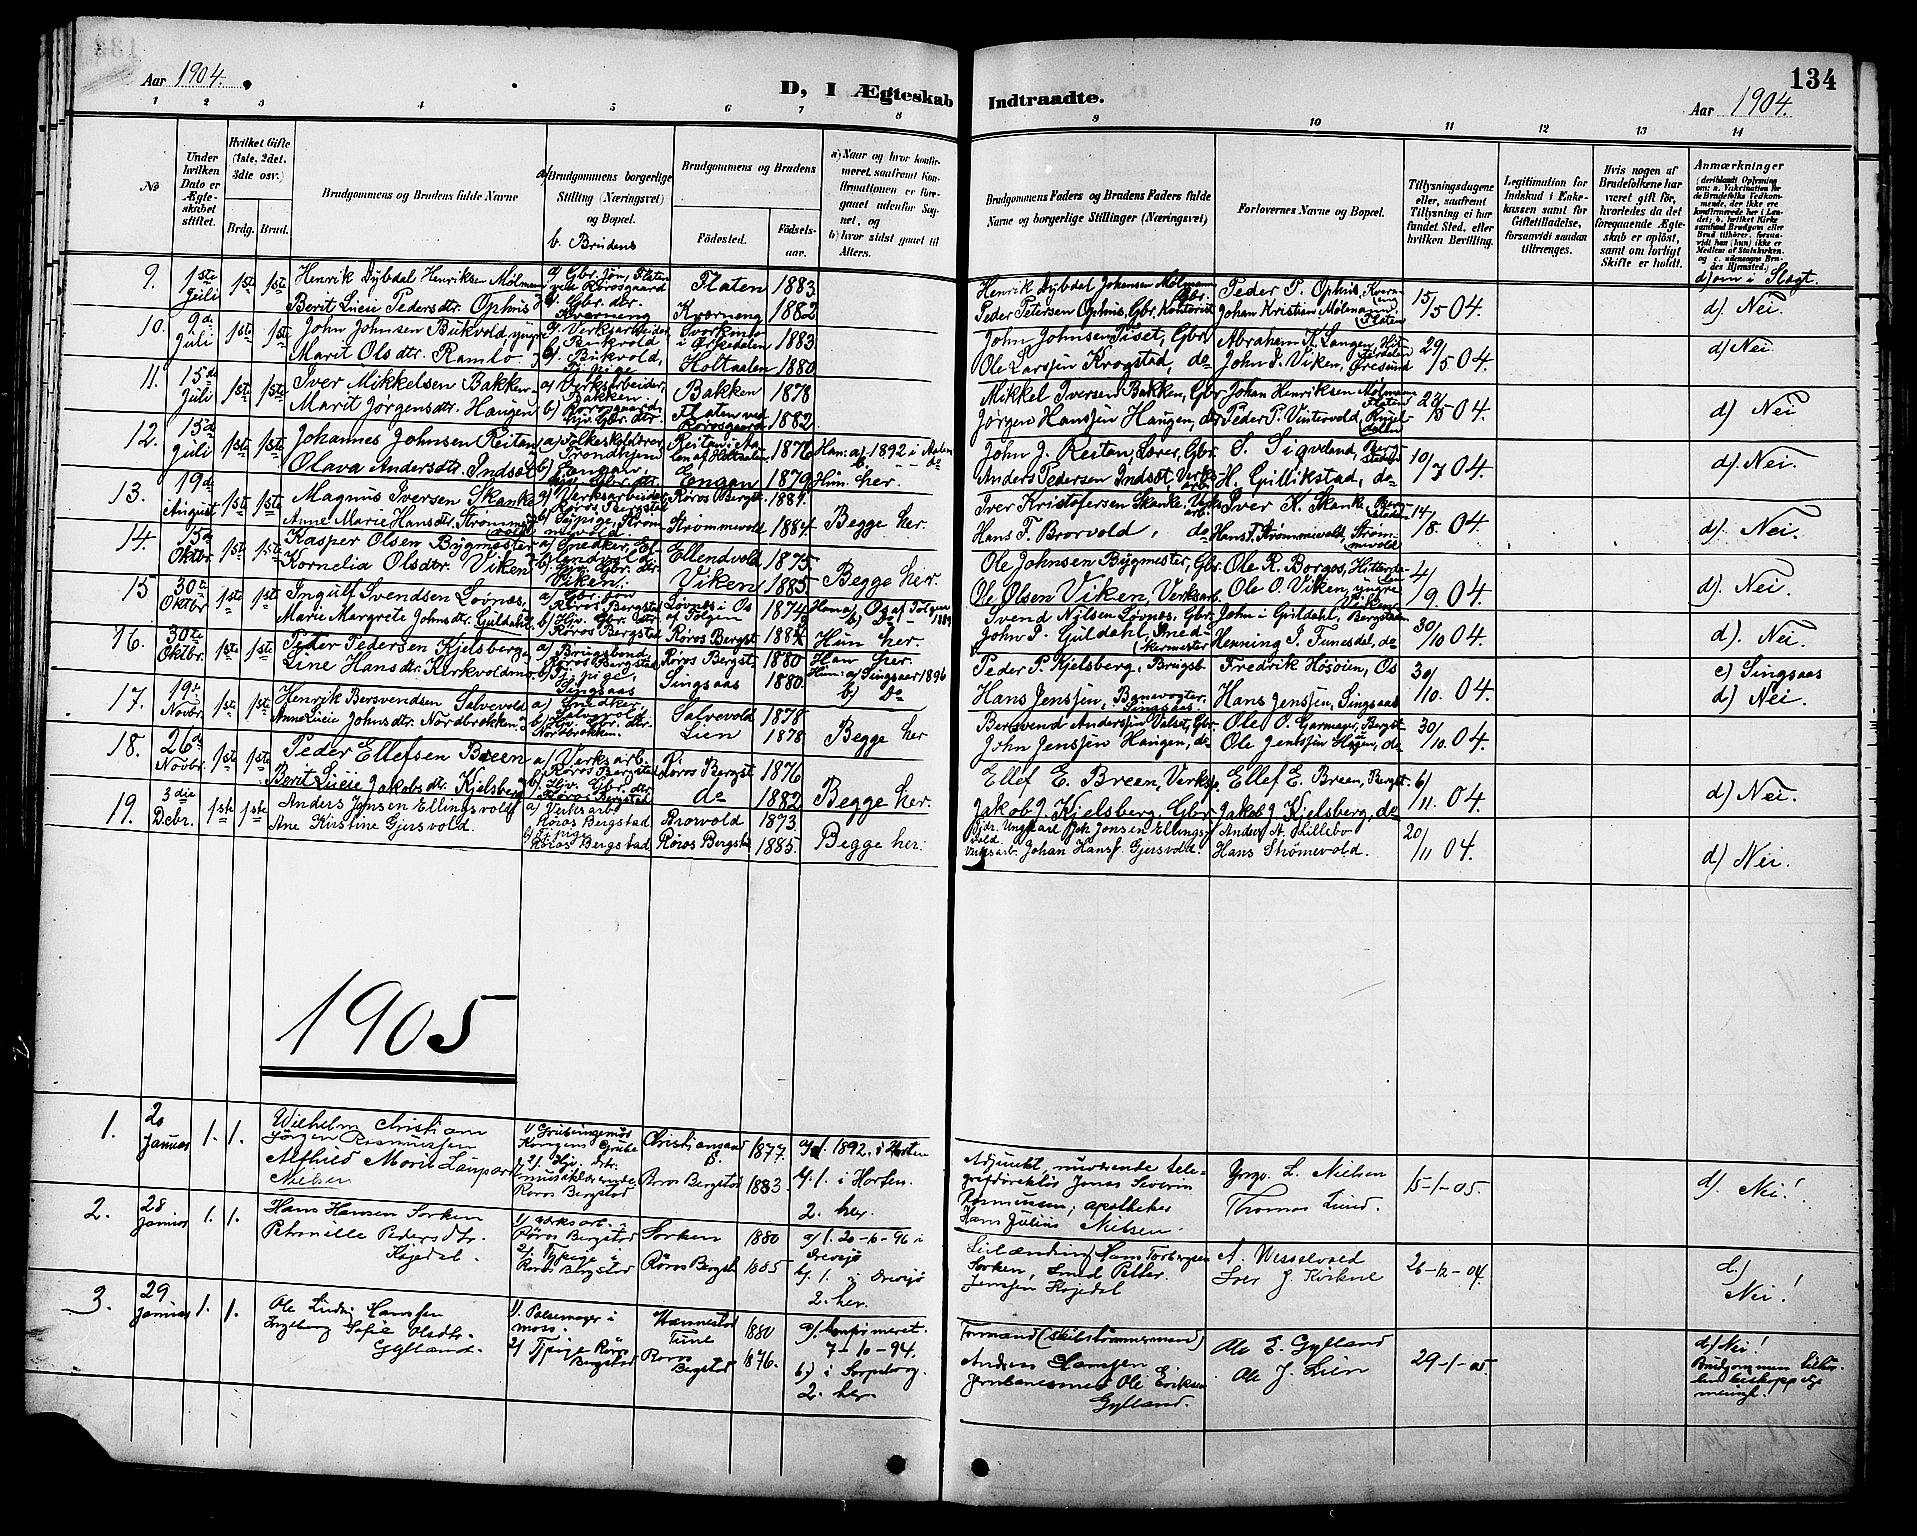 SAT, Ministerialprotokoller, klokkerbøker og fødselsregistre - Sør-Trøndelag, 681/L0941: Klokkerbok nr. 681C05, 1896-1905, s. 134